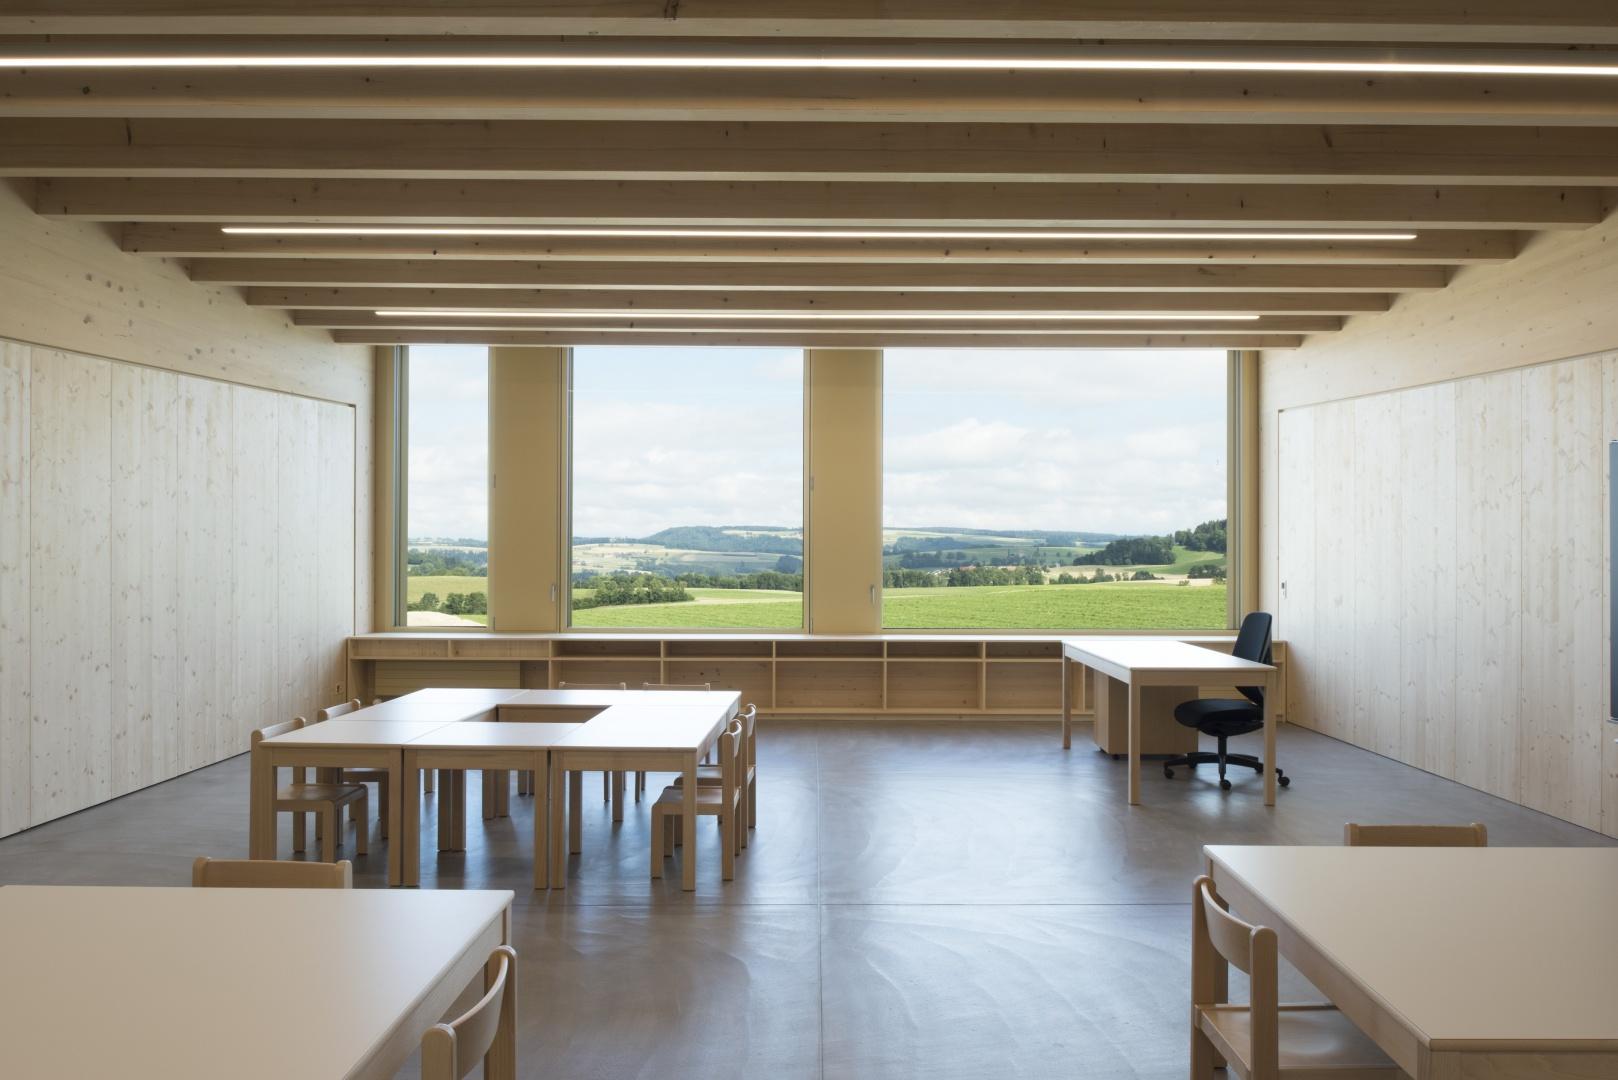 Klassenzimmer Ansicht 2 © Projet et réalisation : Ruffieux-Chehab Architectes SA, Photos : Primula Bosshard